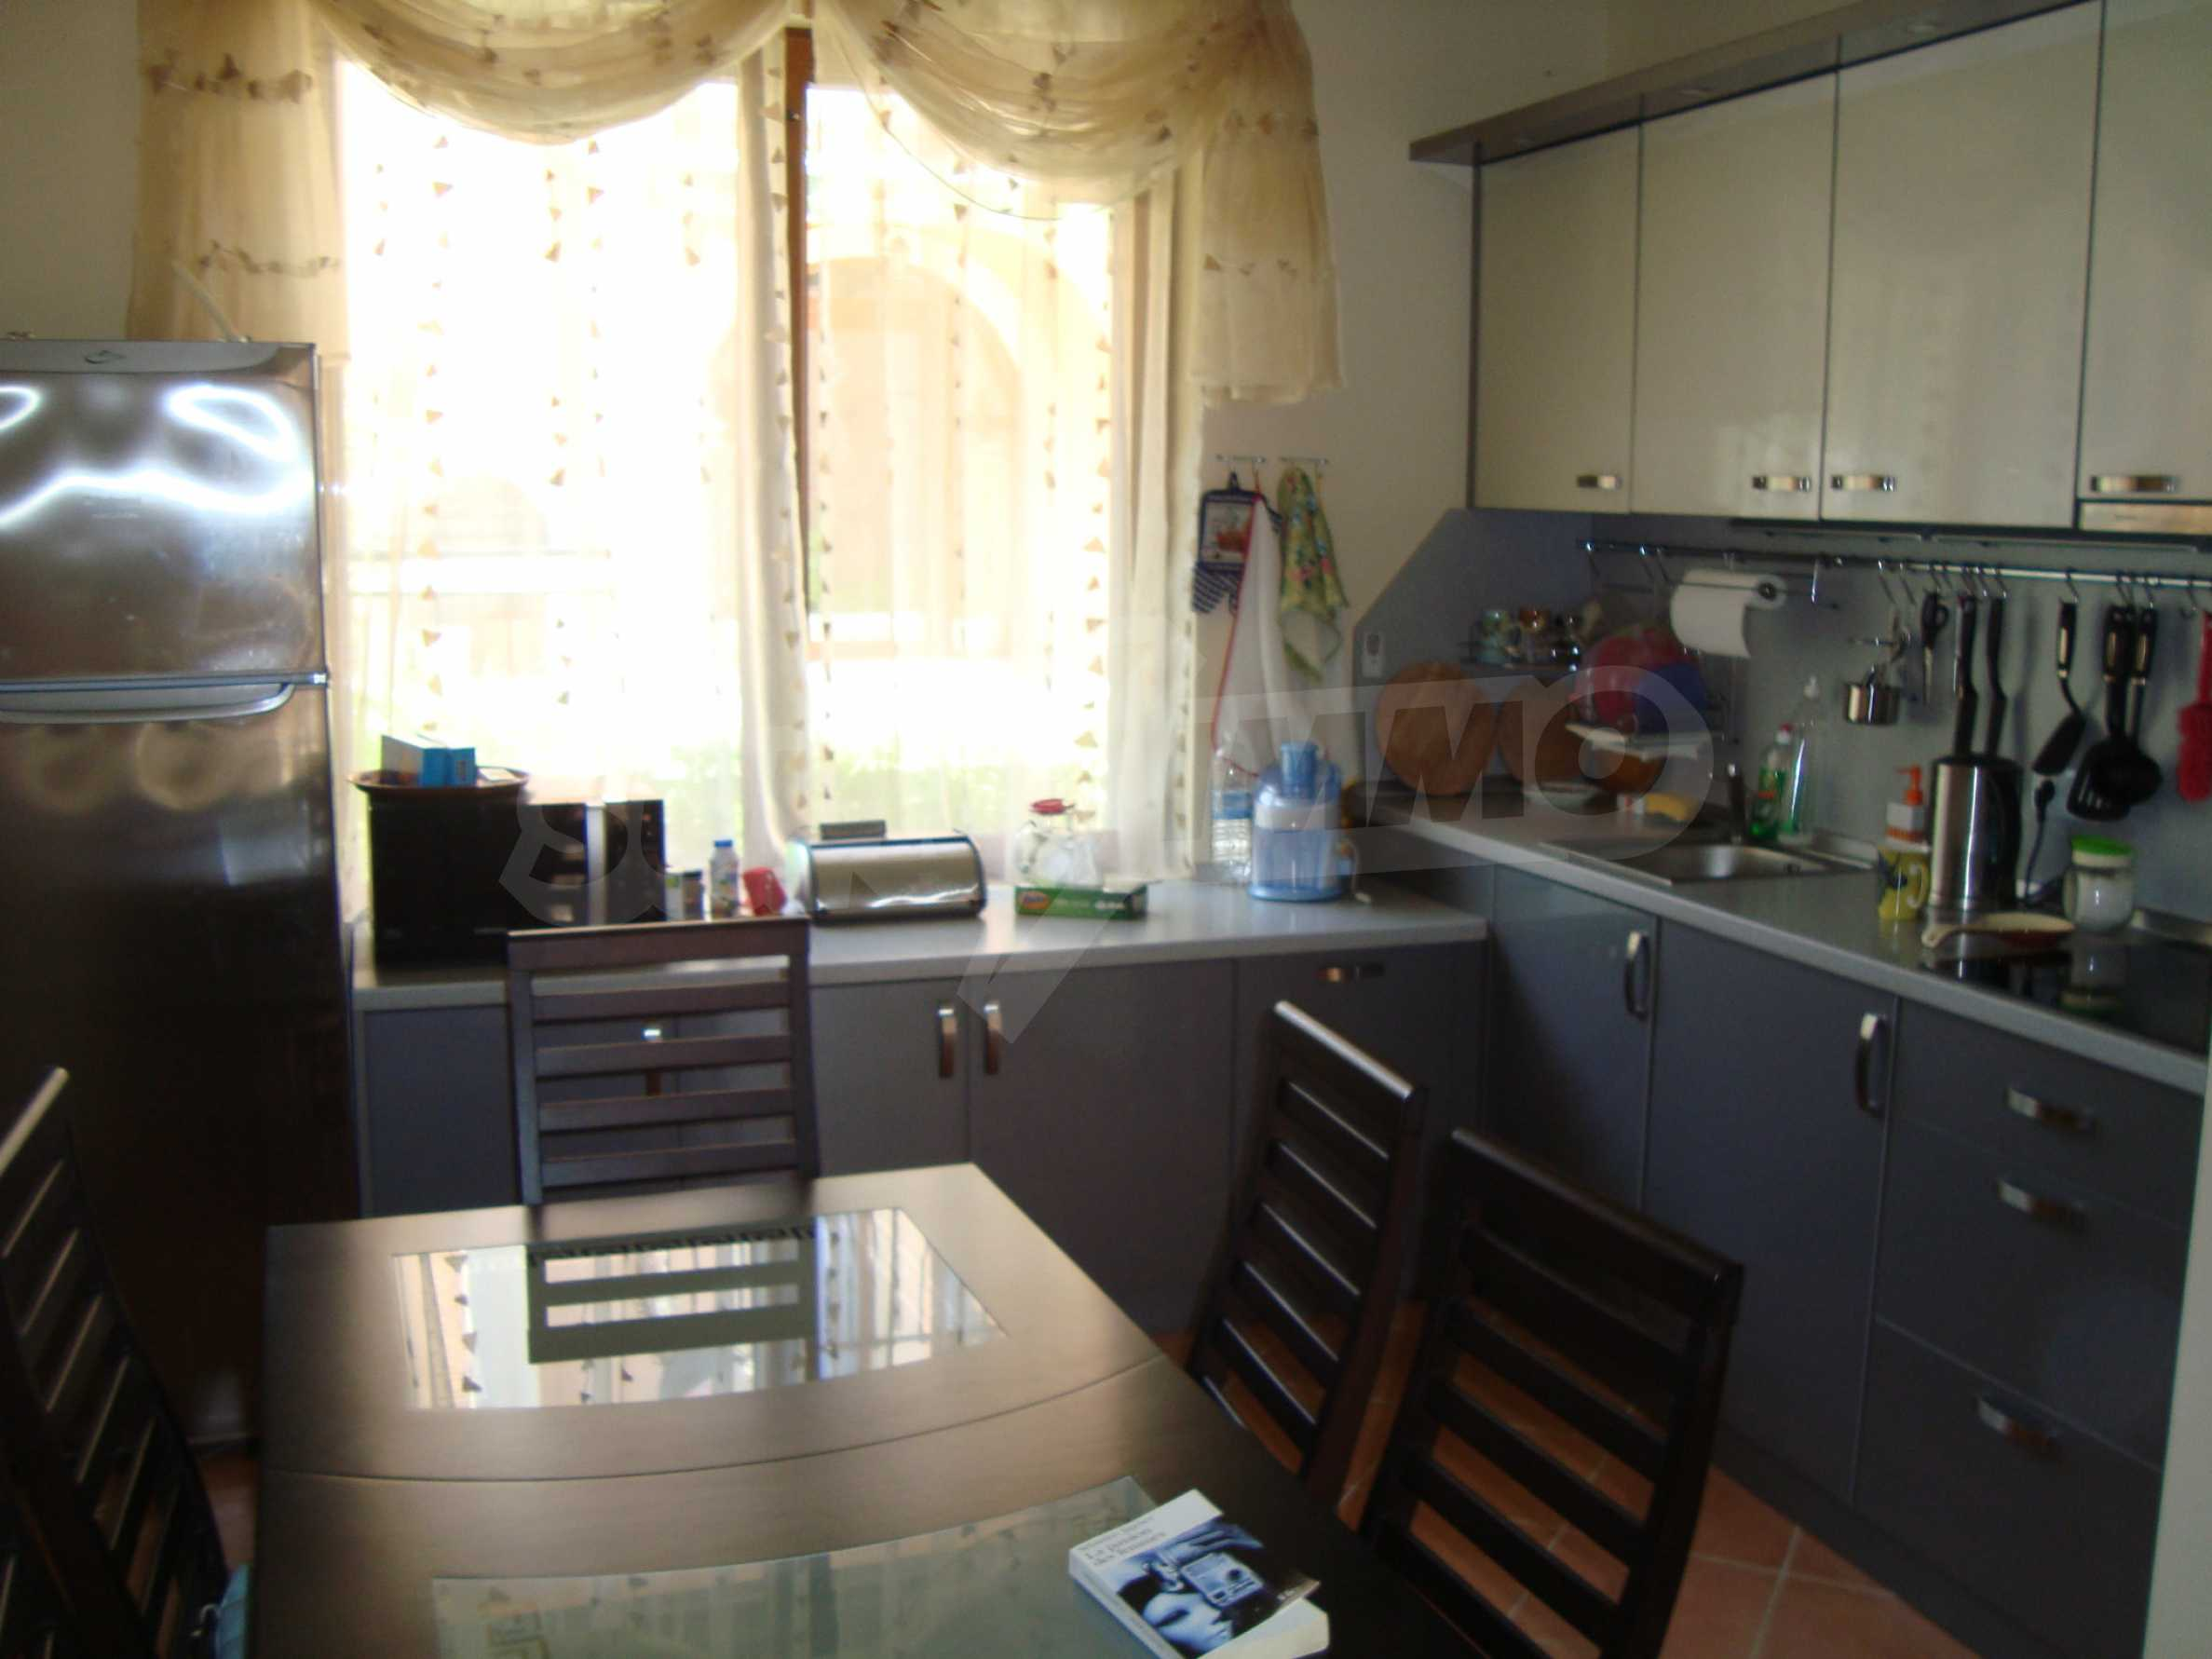 2-stöckige Villa zum Verkauf in Elenite Feriendorf, 13